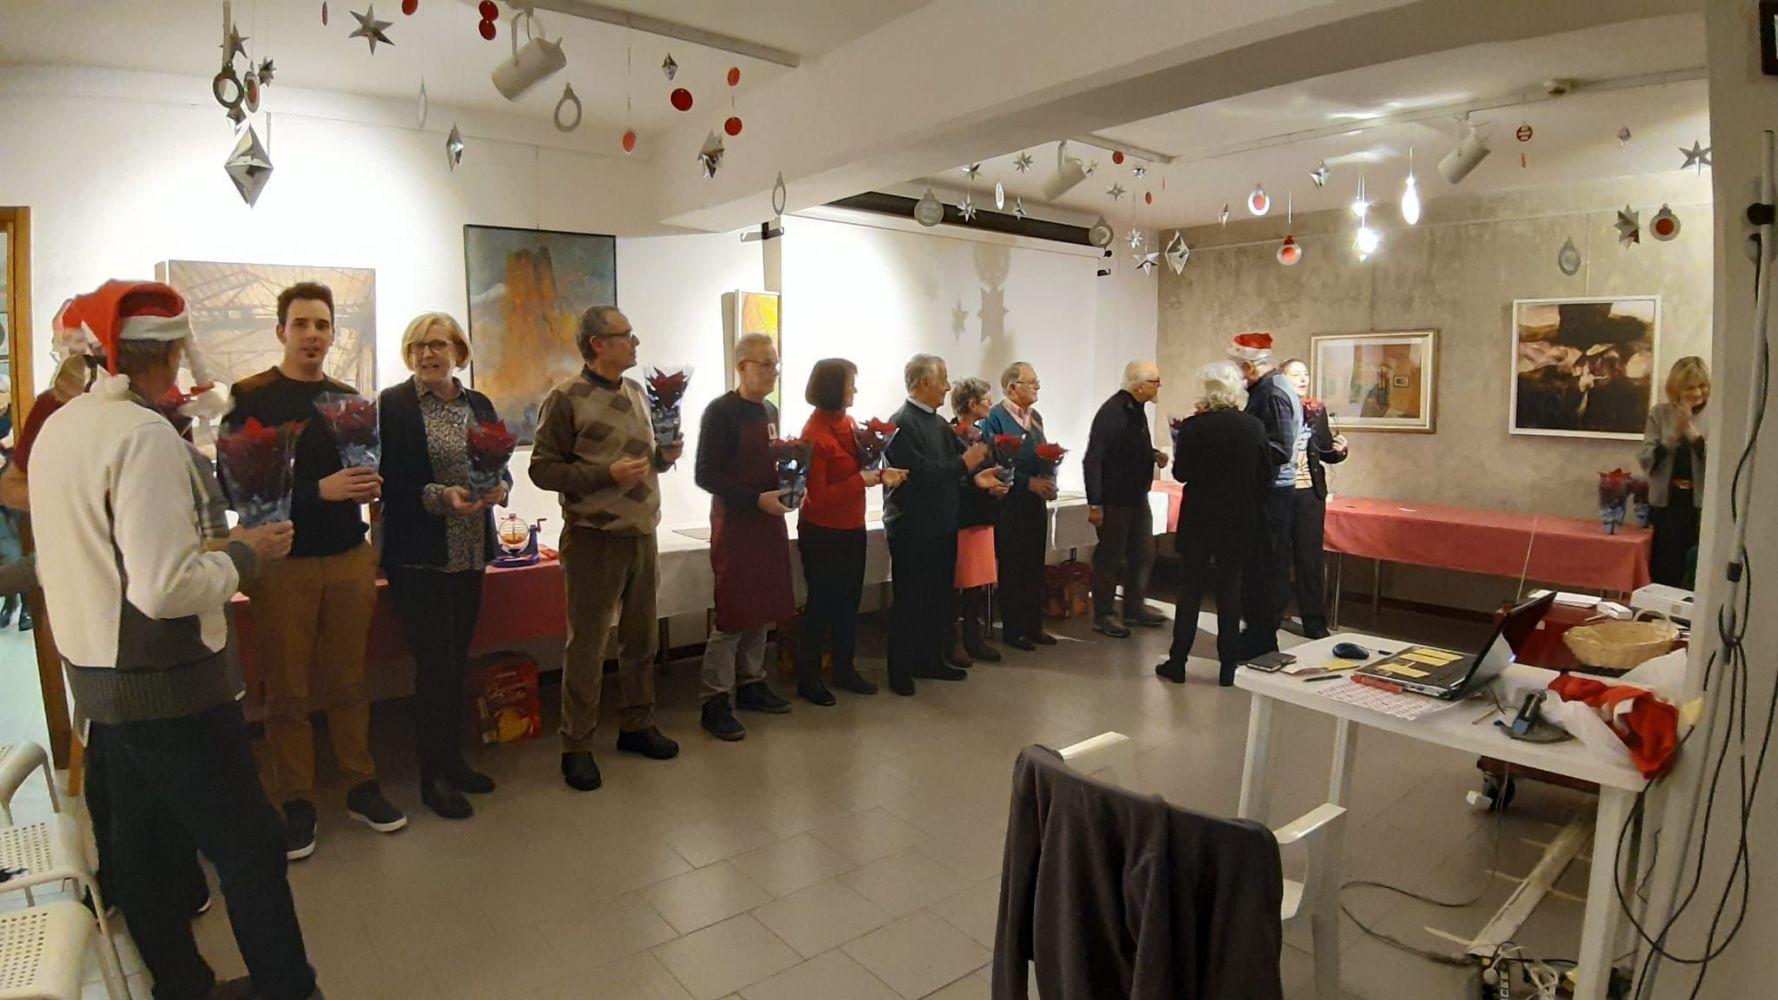 La consegna delle stelle di Natale è stata l'occasione per far sfilare davanti ai partecipanti, tutti coloro che  si impegnano per far funzionare il Circolo.